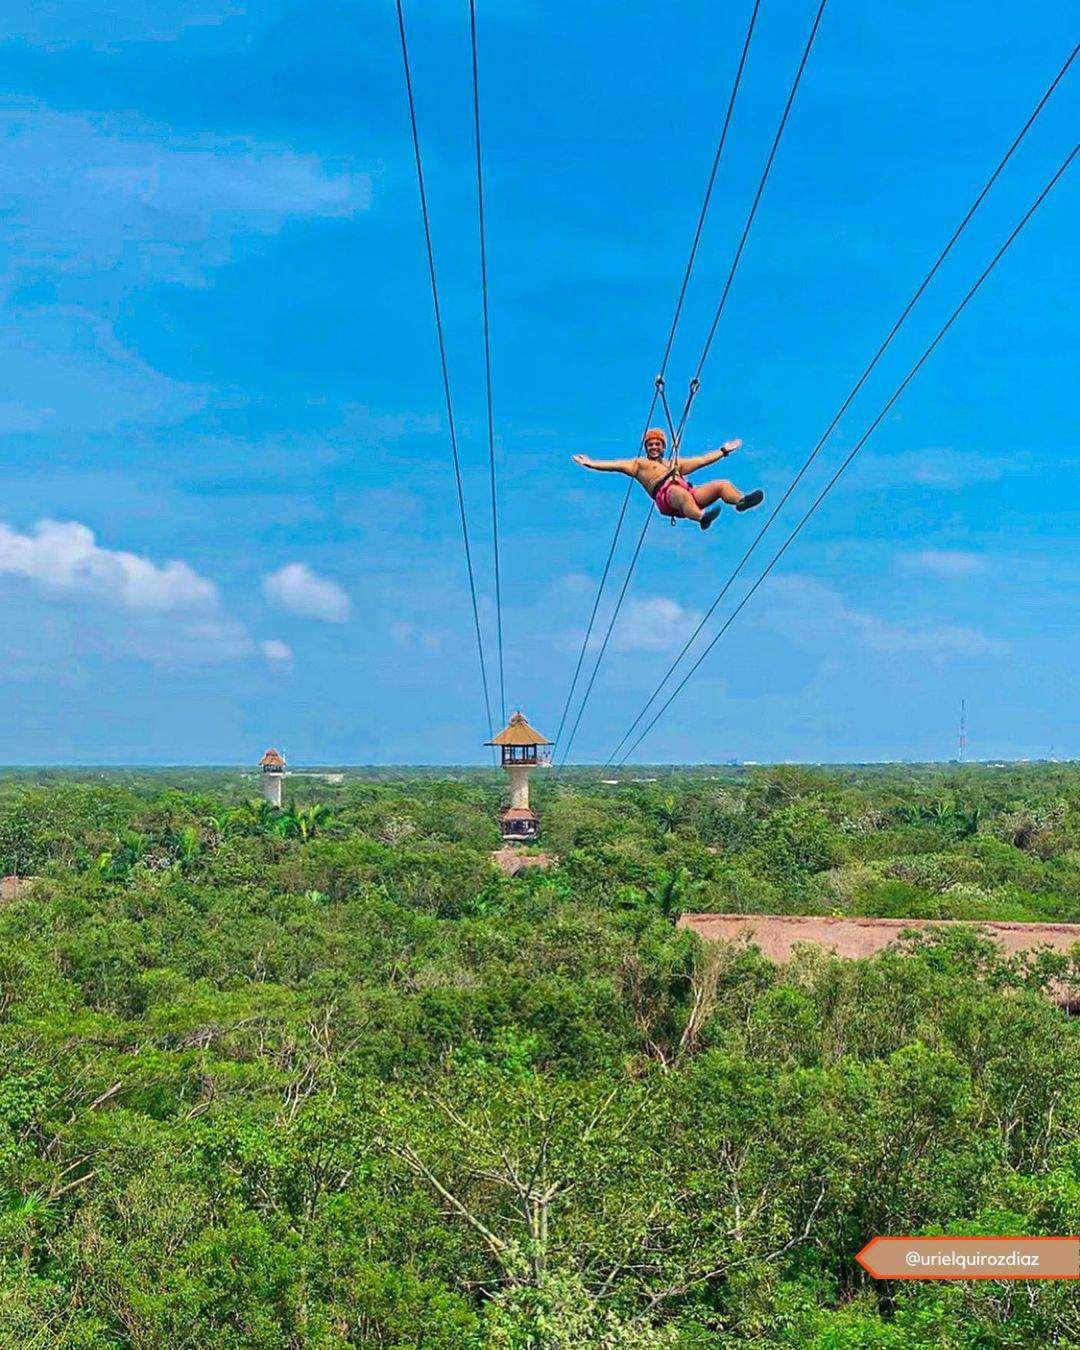 墨西哥坎昆Xplor西普洛公园高空滑索